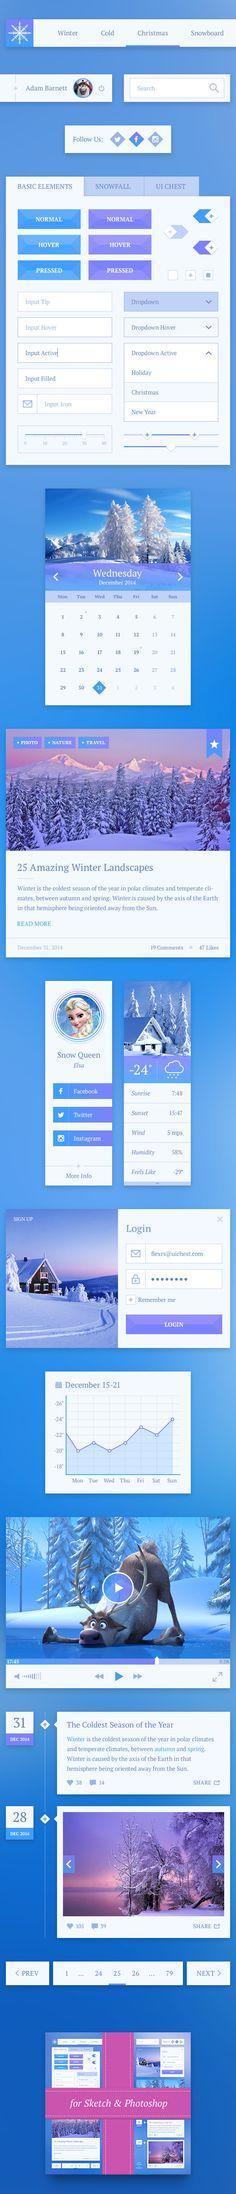 Snowflake UI Kit Free on Behance